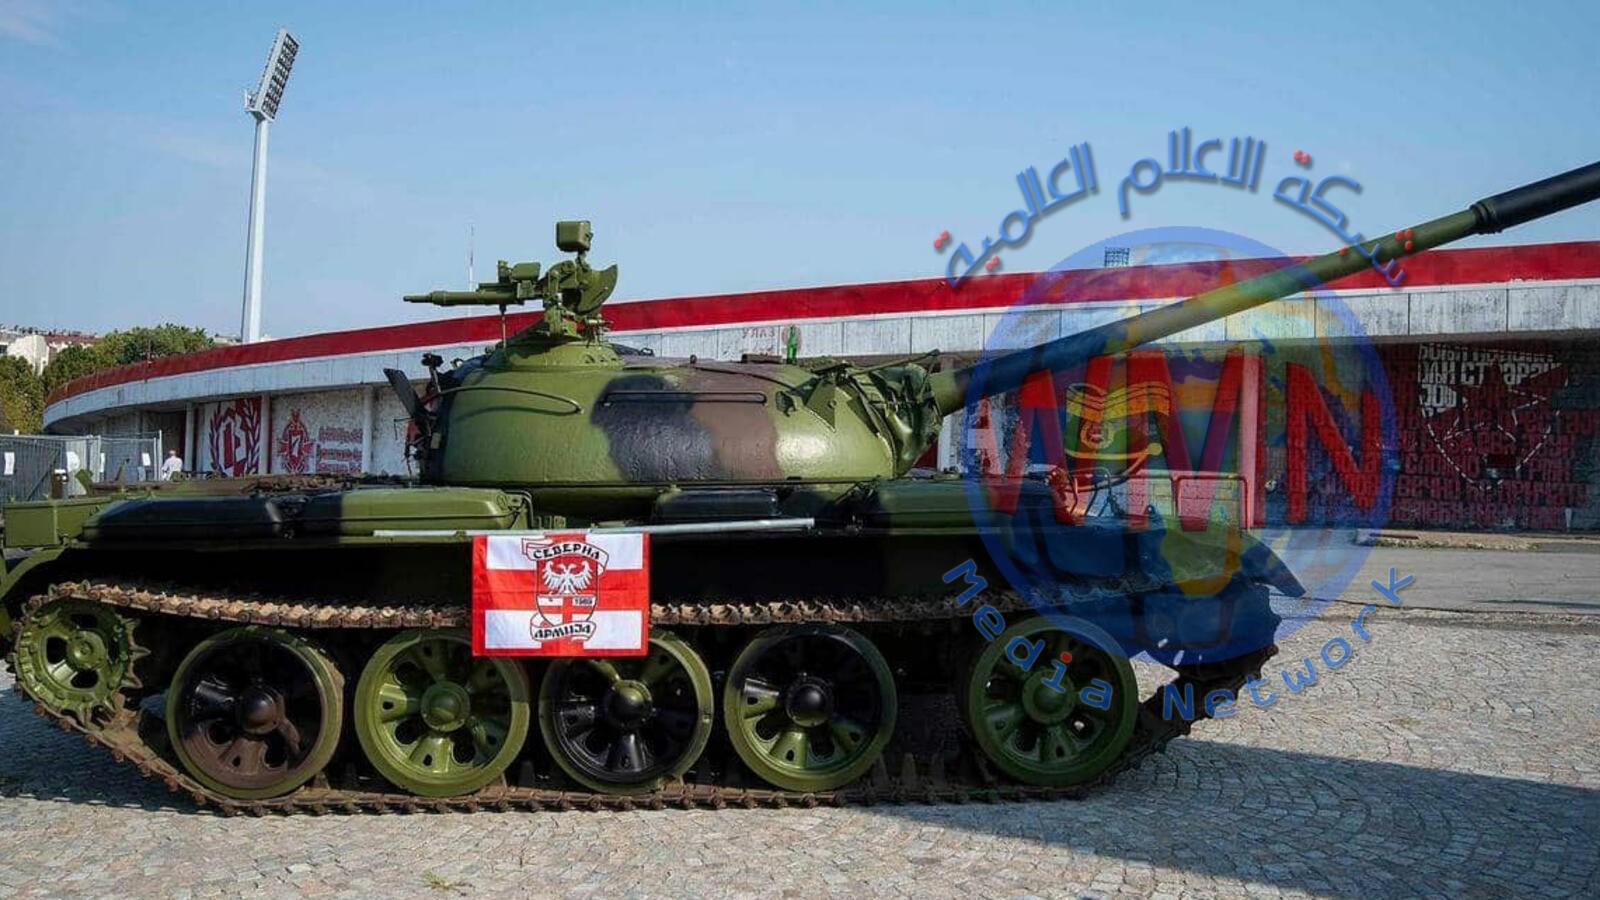 دبابة أمام ملعب كرة قدم في صربيا تثير جدلًا واسعًا في أوروبا